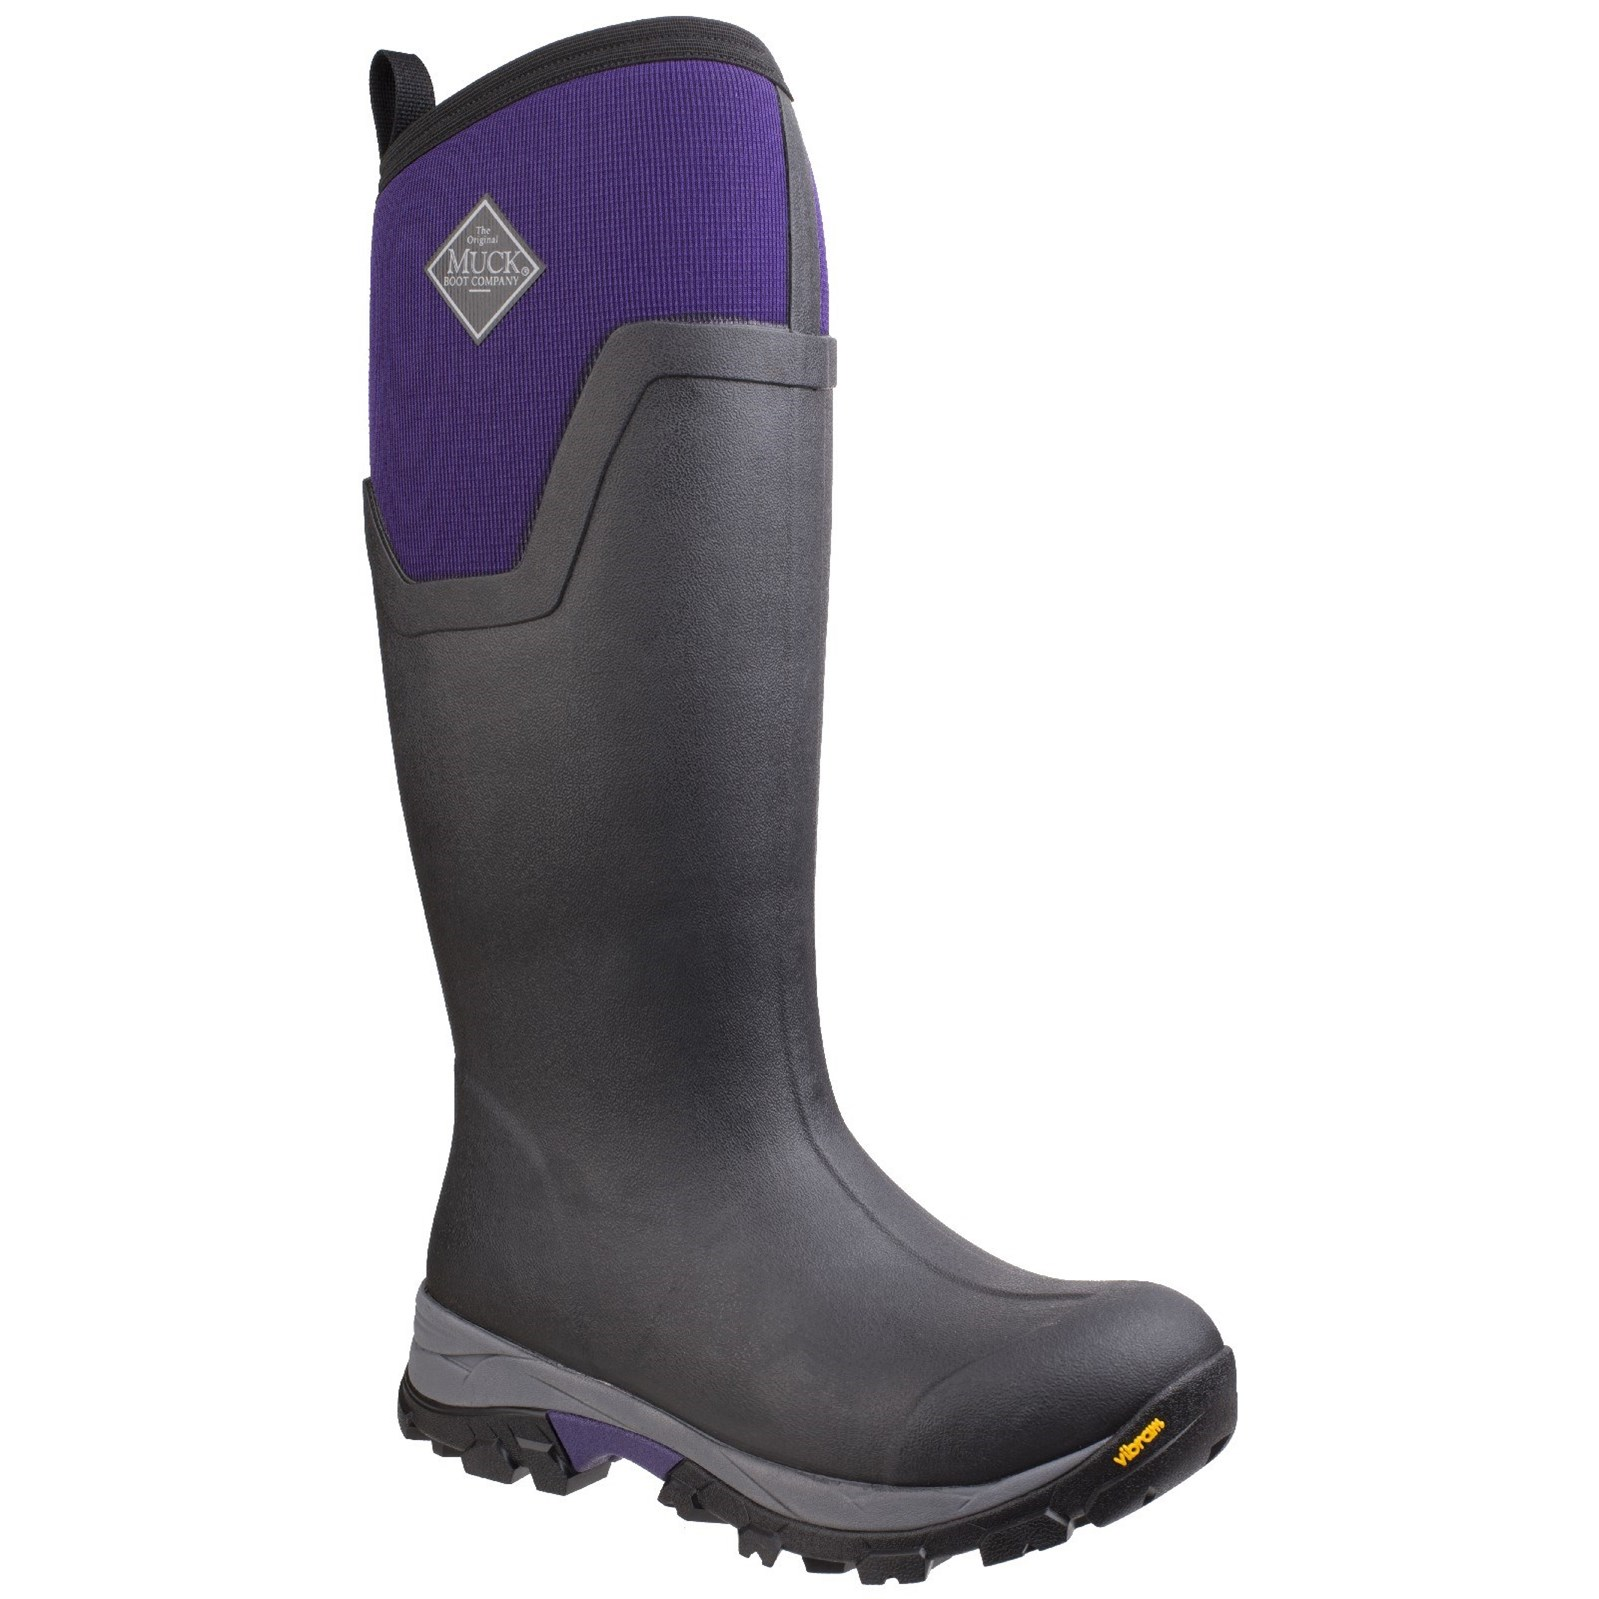 Muck Boots Damen Arctic Ice hohe Extrem Bedingung Gummistiefel (FS4916)